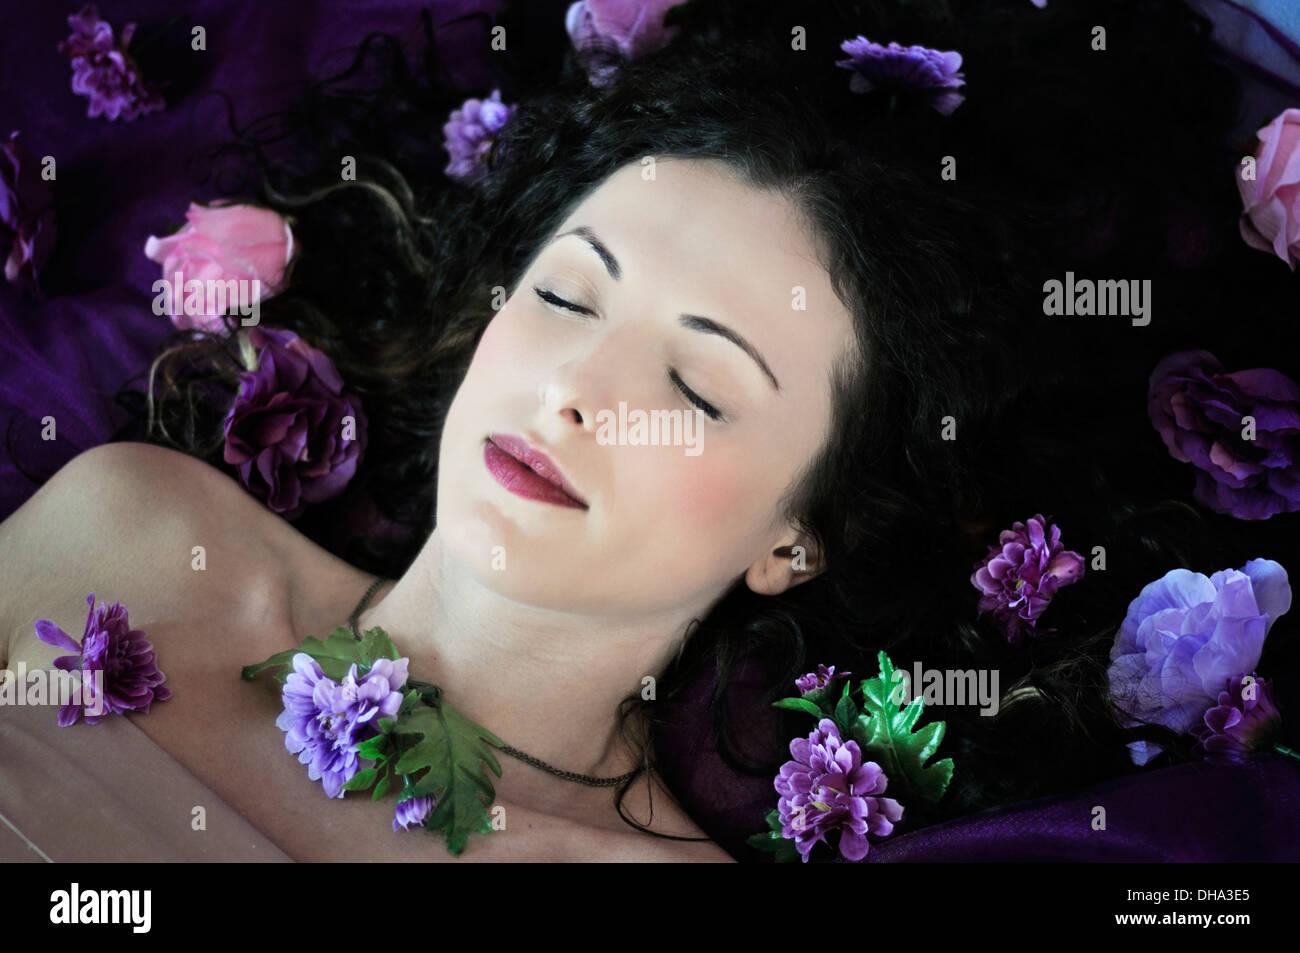 La bella durmiente Foto de stock